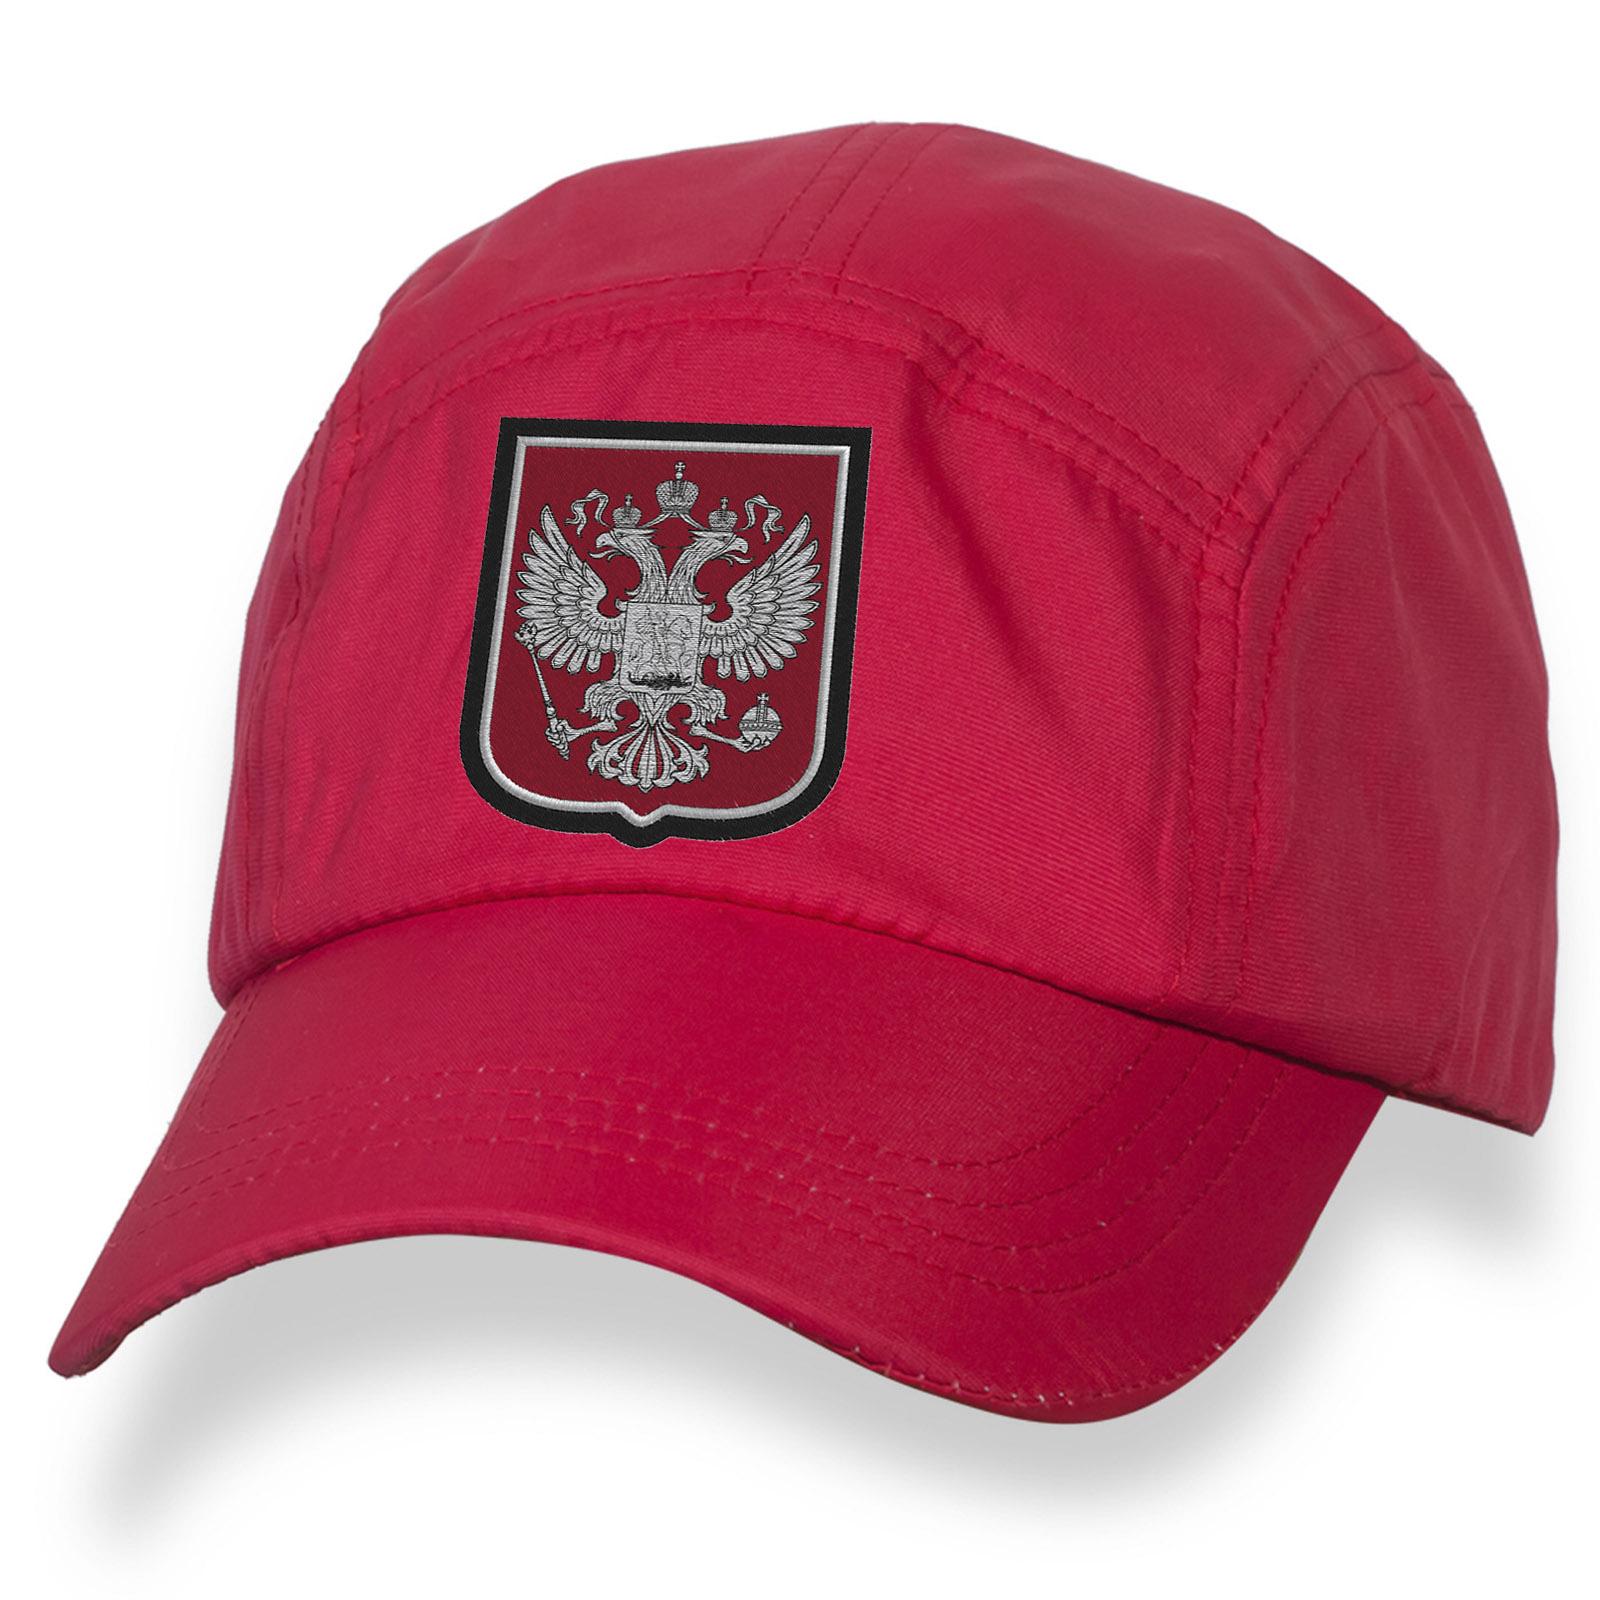 Красная бейсболка с государственной эмблемой России.